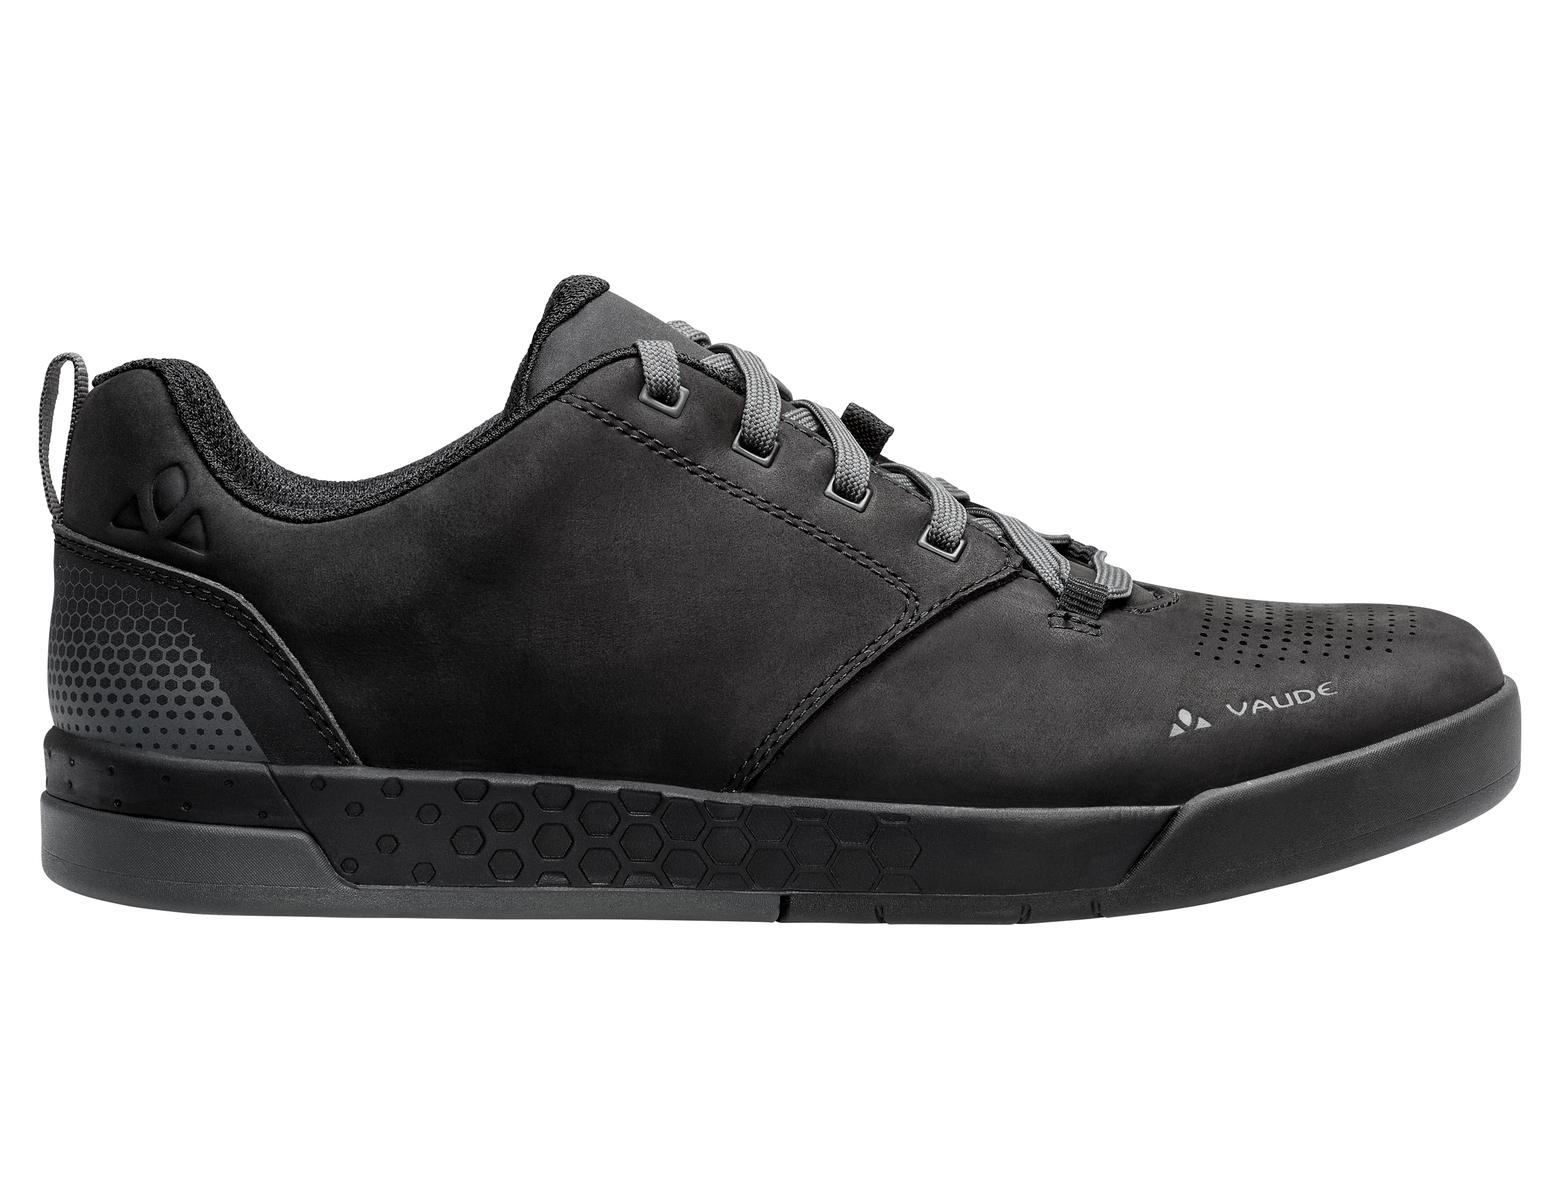 Vaude AM Moab - Chaussures VTT homme